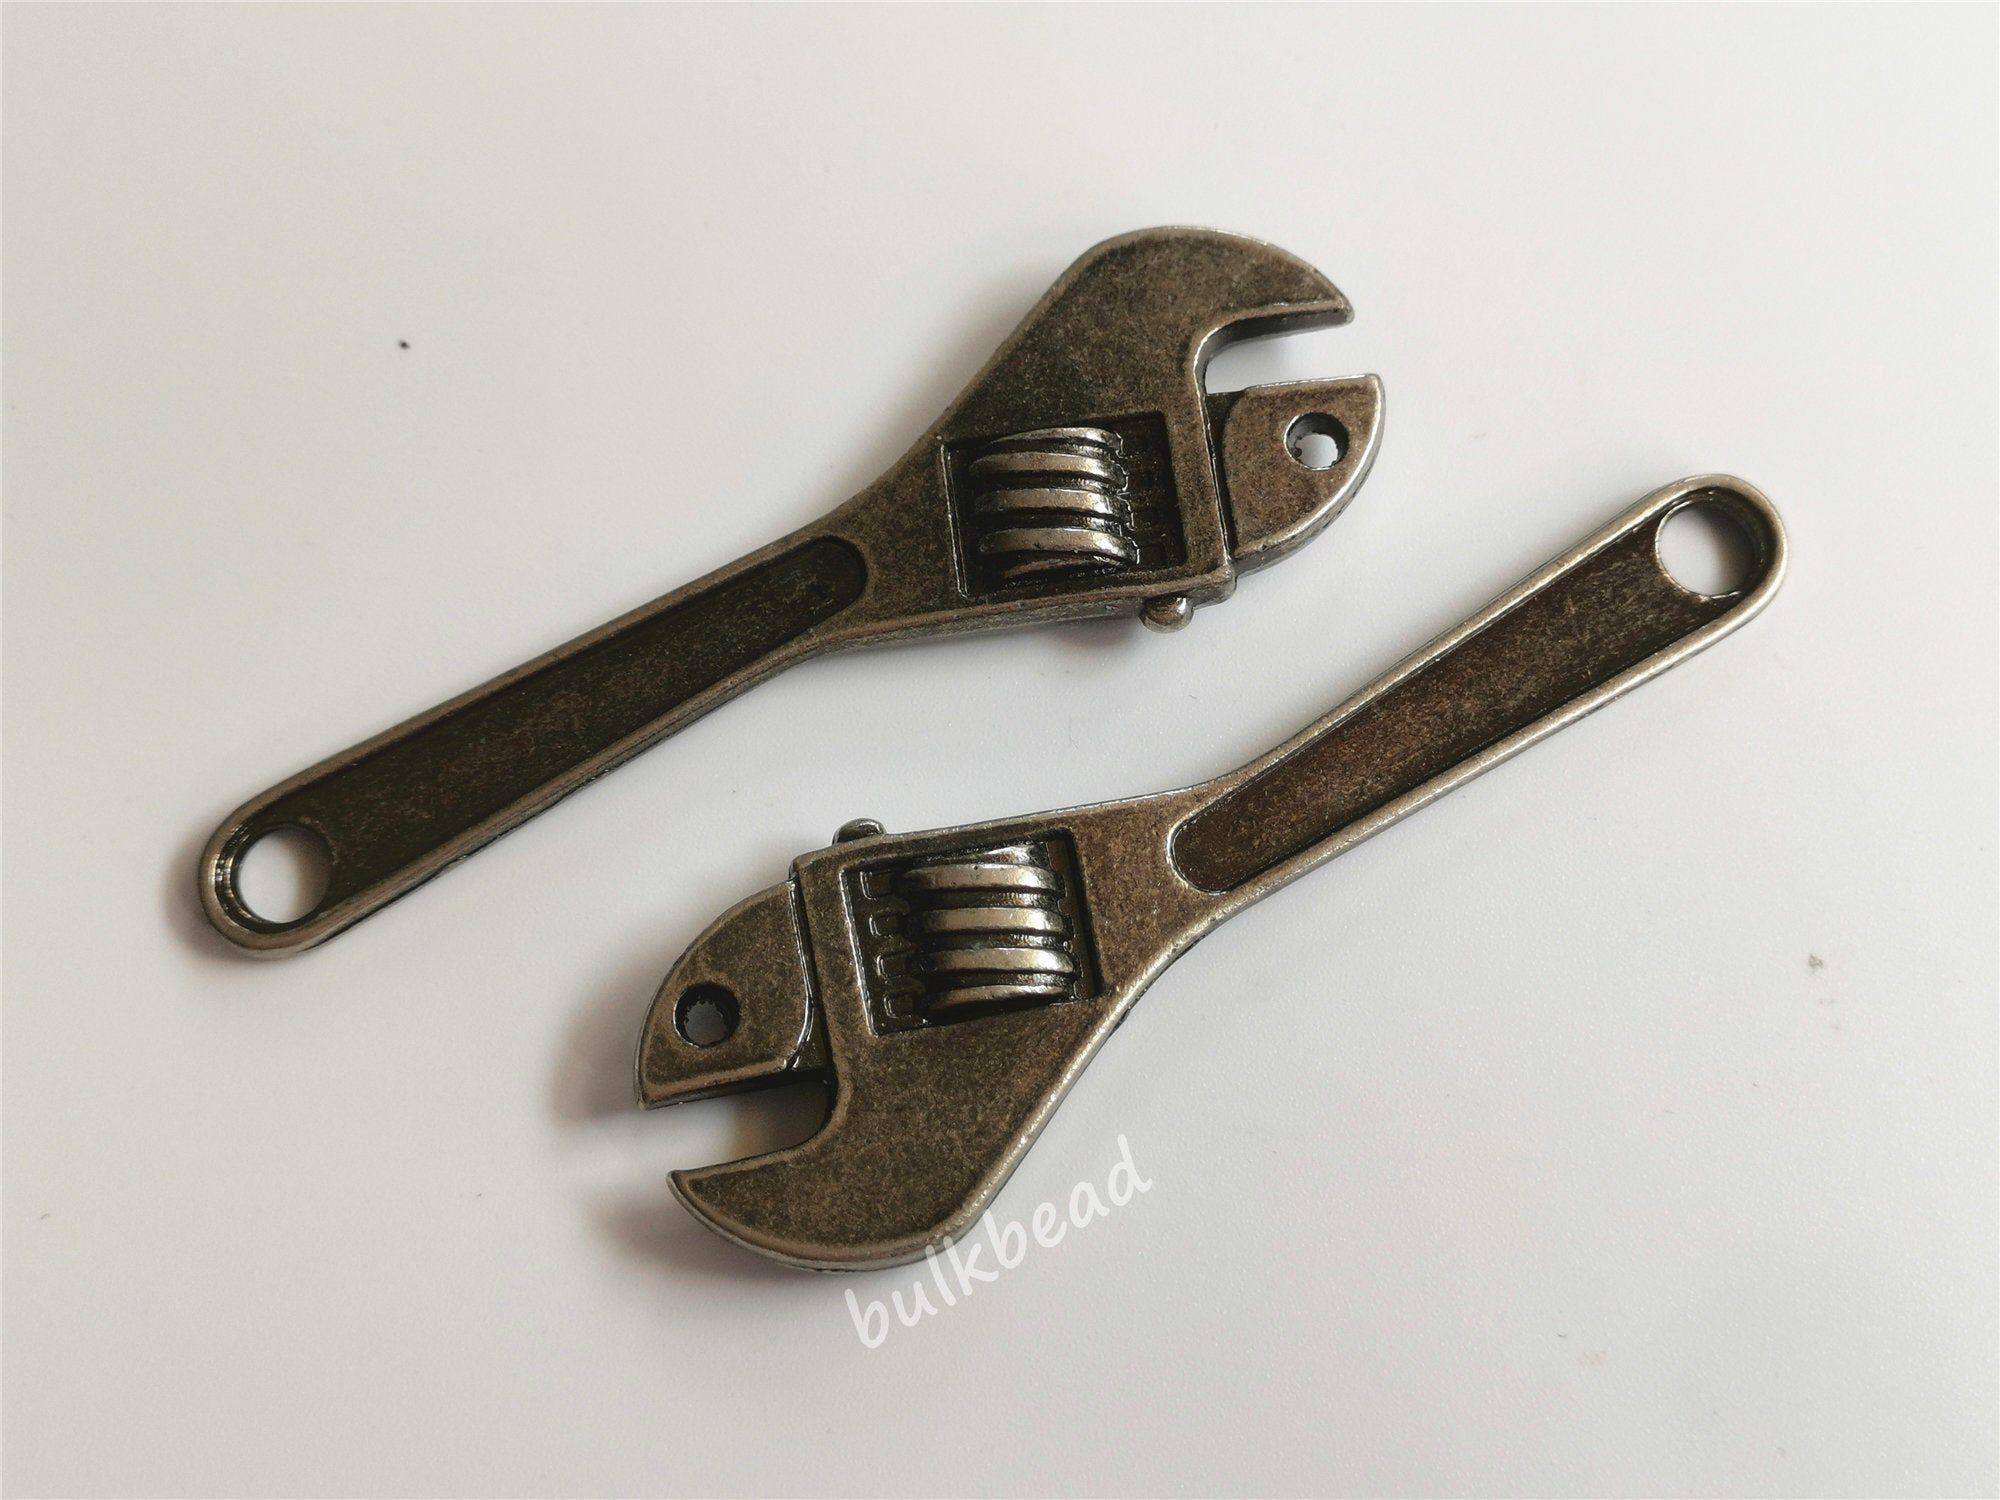 3pcs Antique Silver Wrench Charm Set Bulk Tibetan Silver Wrench Pendant Wholesale Bracelet Charm Key Chain Charm Lot Jewel Argent Antique Pendentif Bracelet